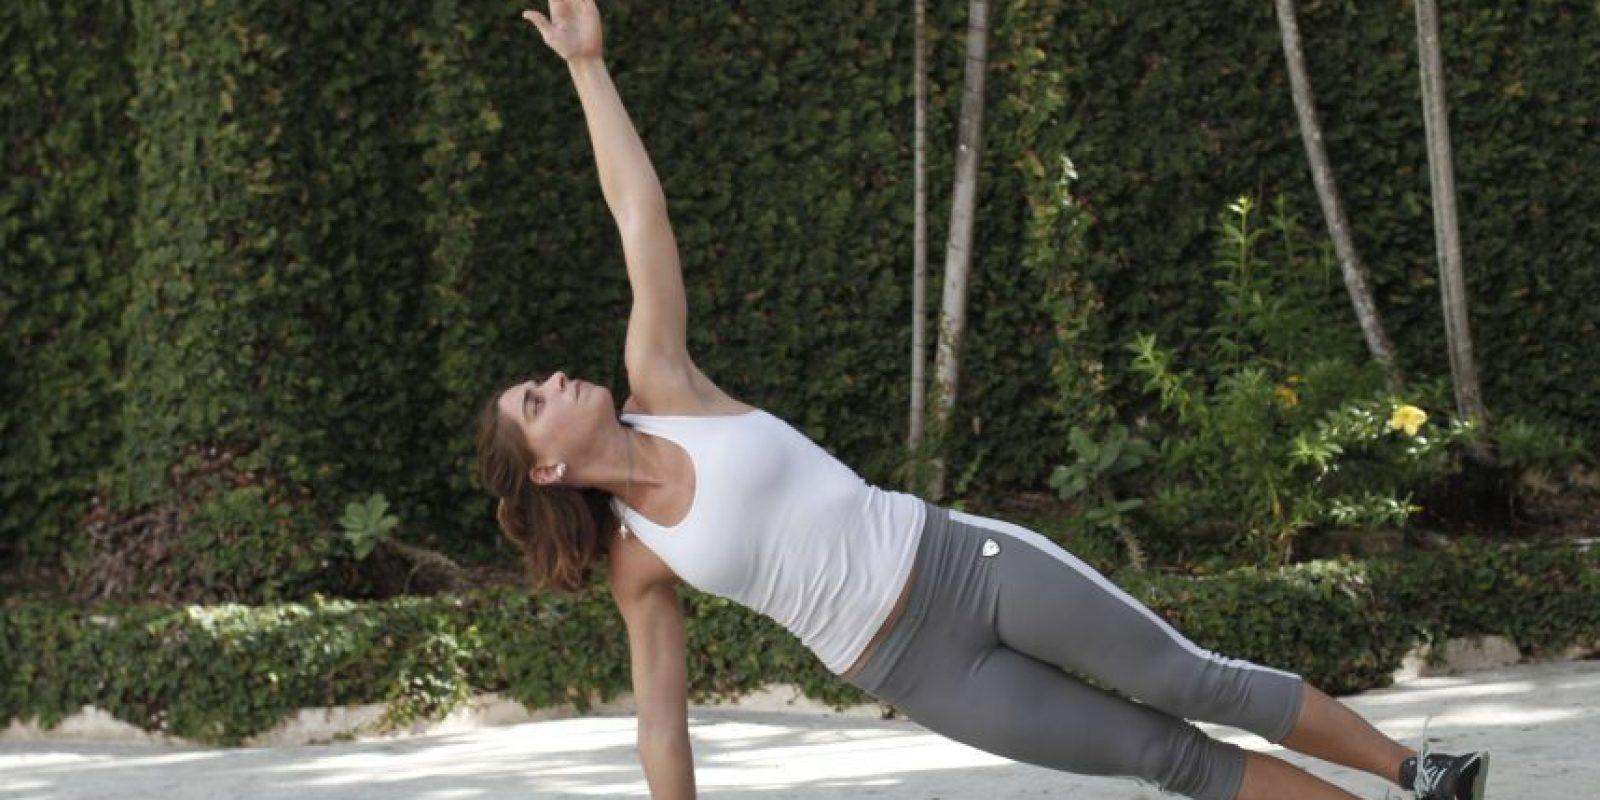 Side Plank Preparación: Recuéstate de lado alineando las caderas con las piernas, manteniéndolas derechas y contraídas. Ejecución: Eleva el tronco con una mano manteniendo las piernas derechas y contraídas. Mantén la posición hasta que puedas. Cambia de lados.Consejo: Mantén la cabeza alineada con la columna y el cuerpo entero contraído sin dejar caer las caderas. Músculos a trabajar: Oblicuo interno y externo, glúteos, espalda baja, dorsales, pectorales, aductores